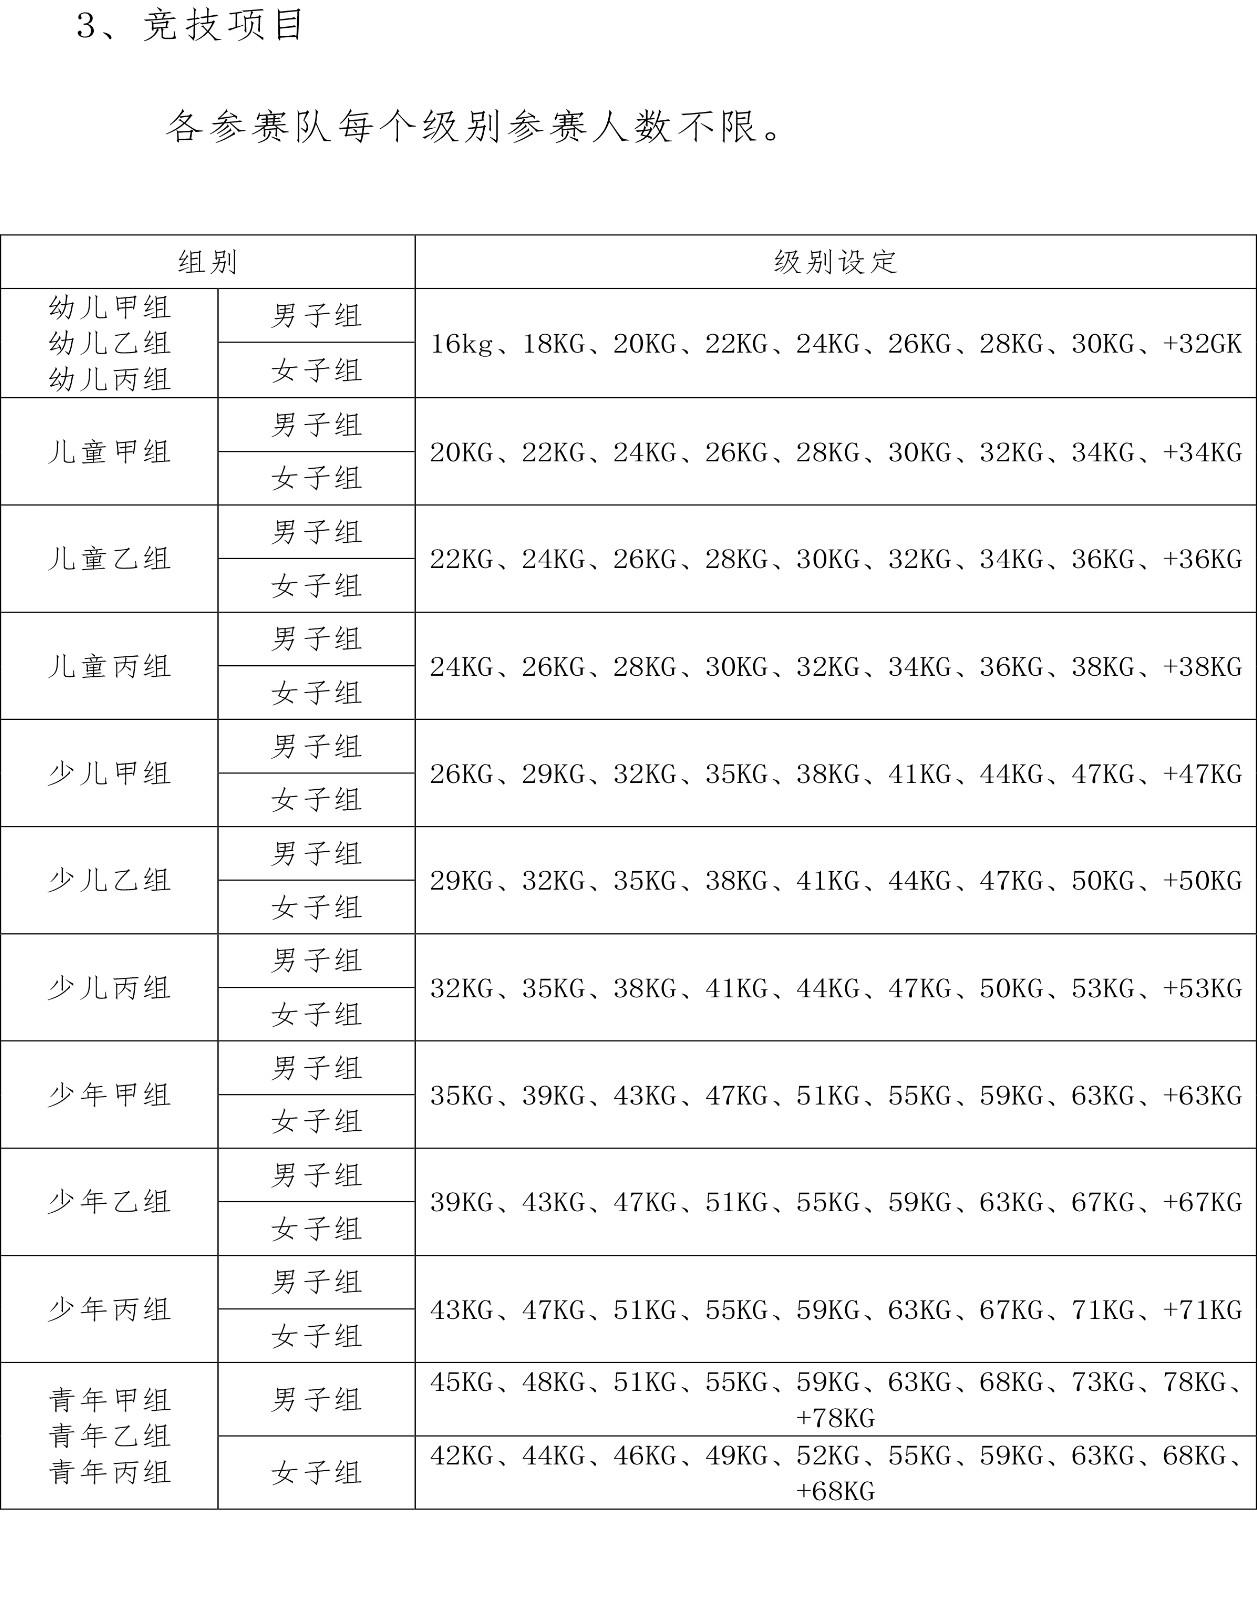 2020 年全国体育学校联合会青少儿跆拳道巡回赛四川站竞赛规程-5